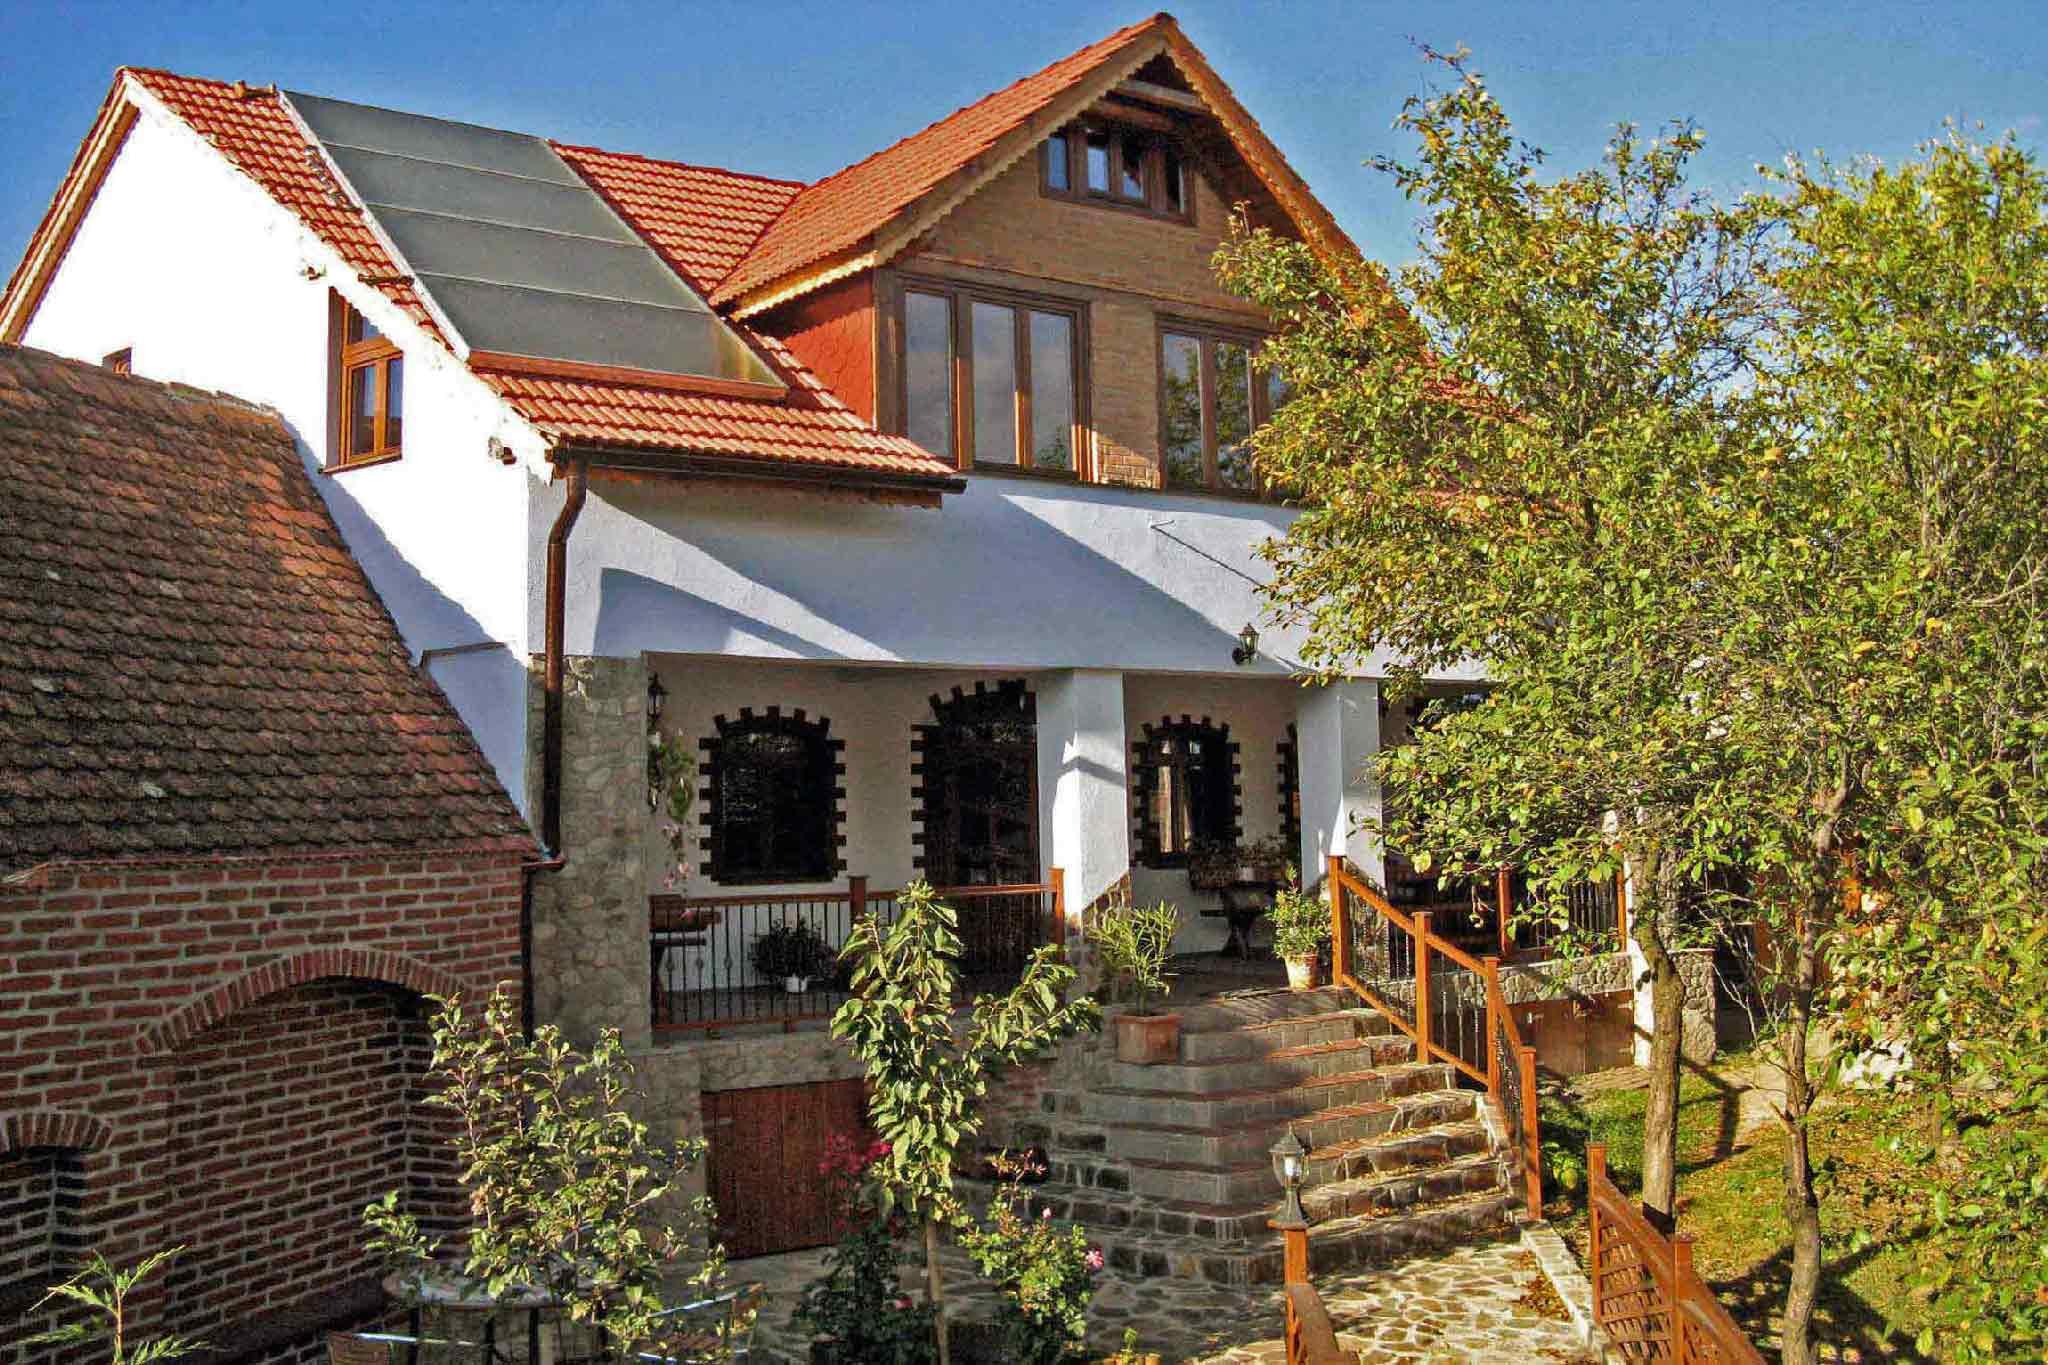 location villa roumanie aux carpates | vacances famille en transylvanie près de sibiu